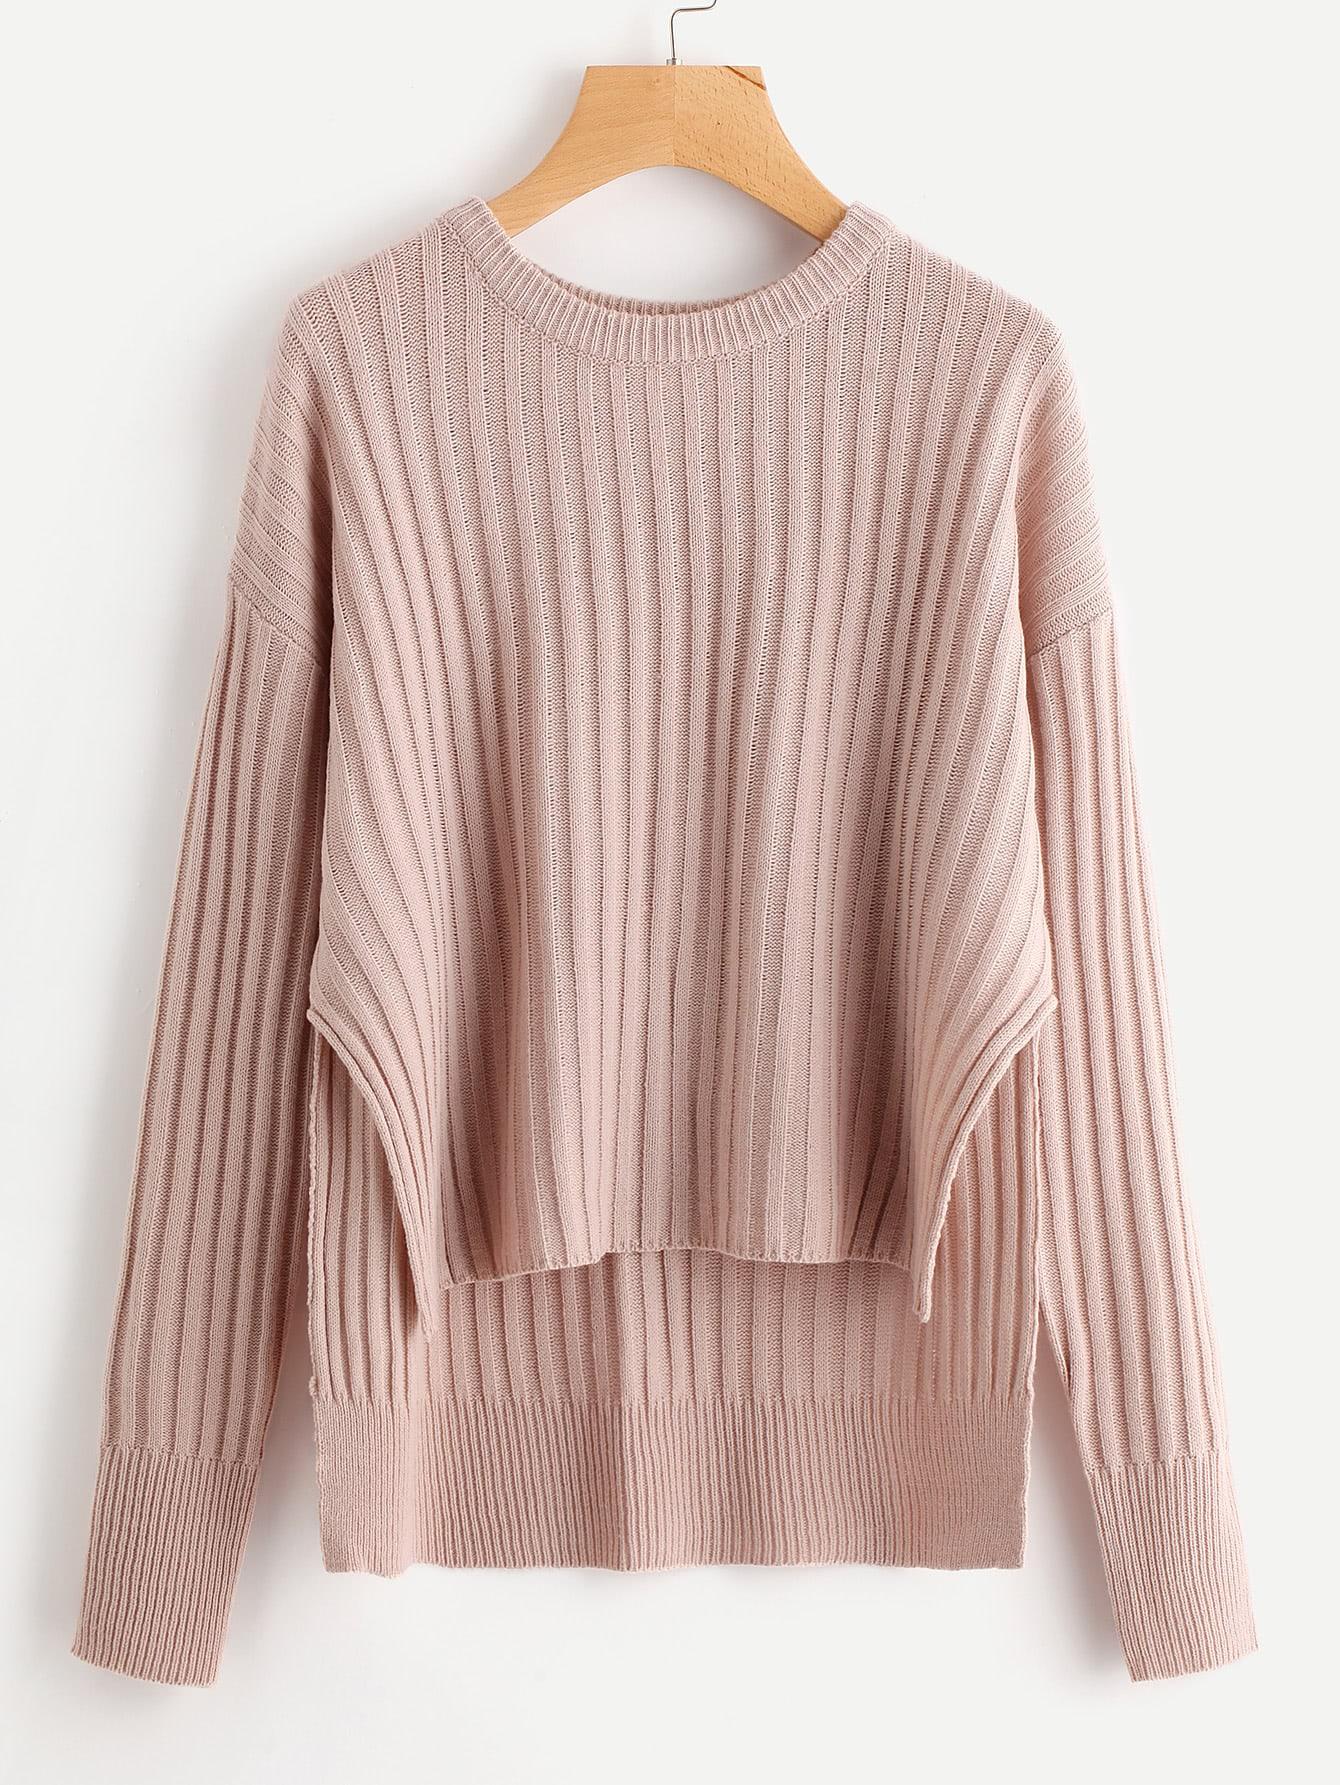 Rib Knit Staggered Hem Sweater sweater170828467